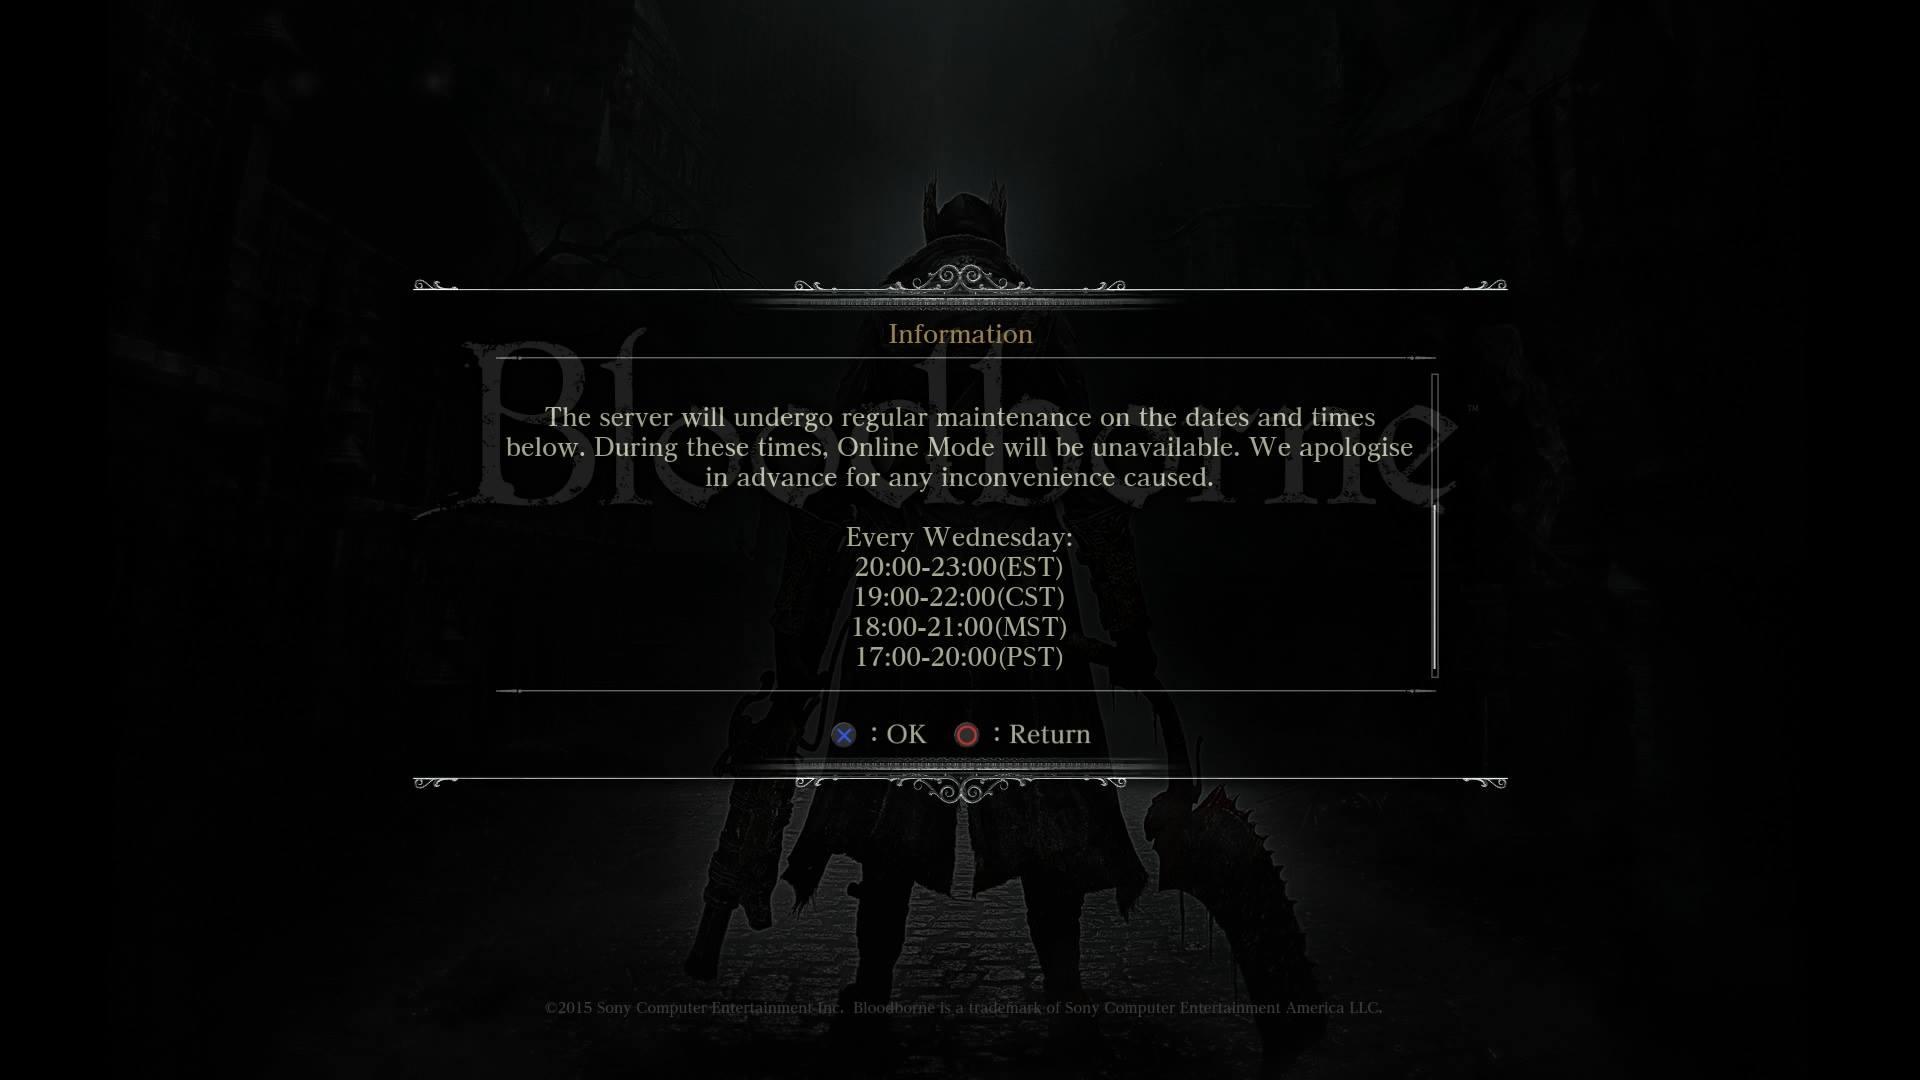 bloodborne-in-game-announcement-maintenance.jpg